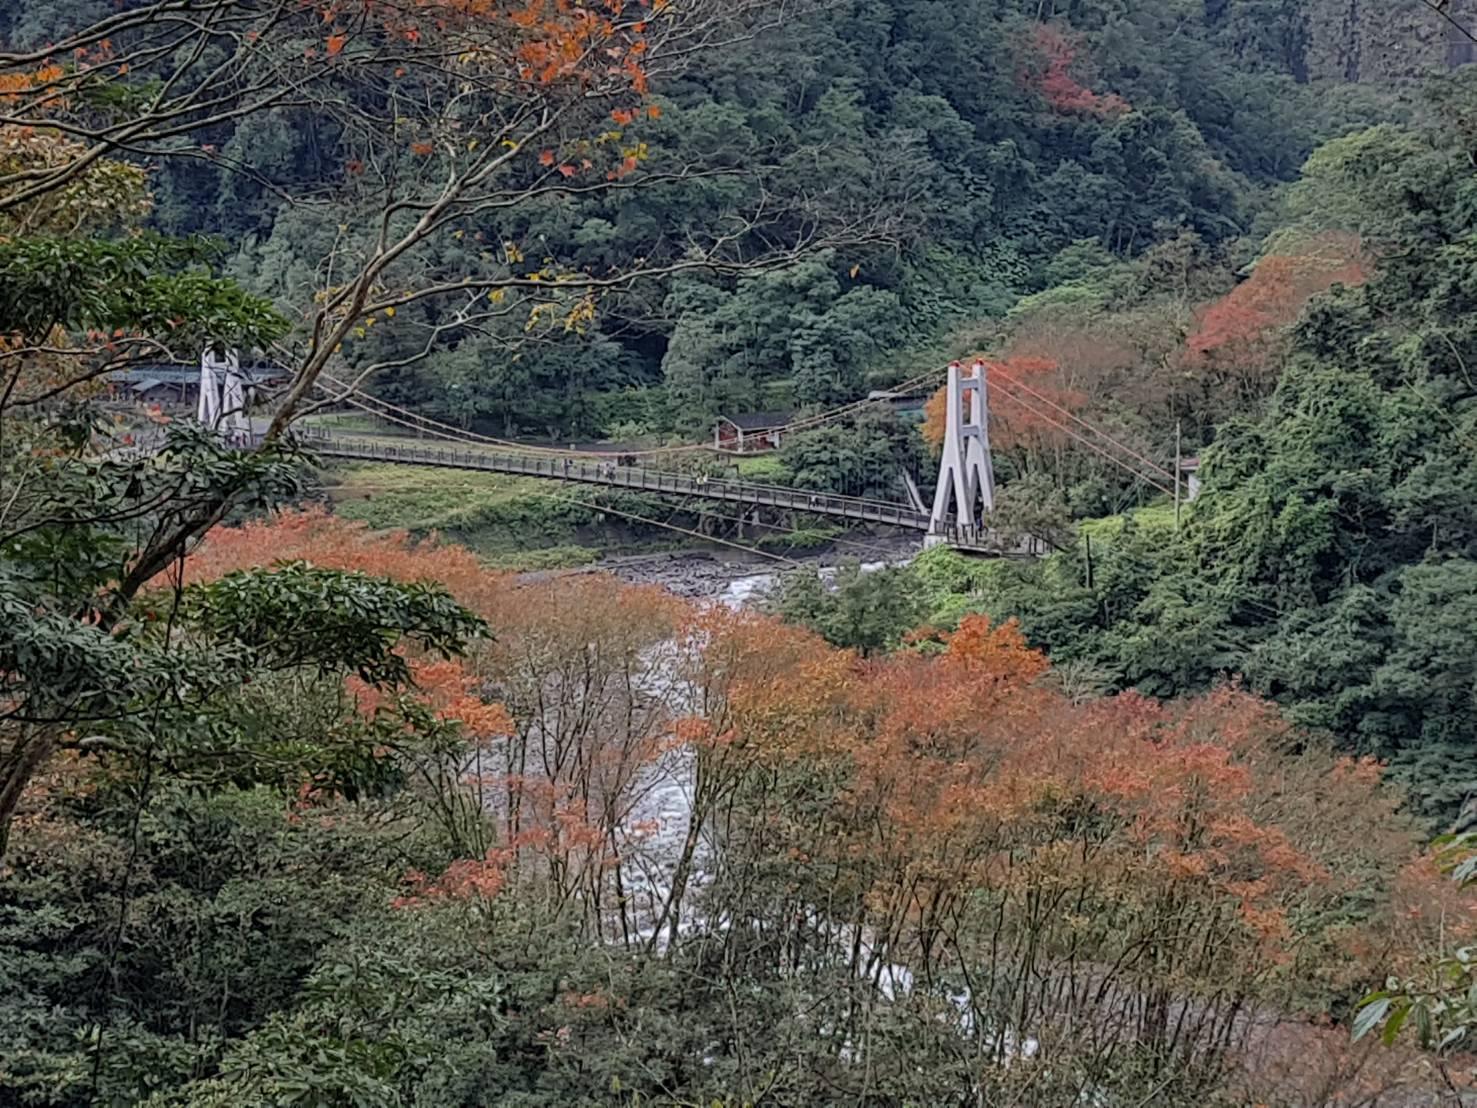 鳩之澤自然步道冬日限定之楓紅美景 (照片由羅東林區管理處提供)